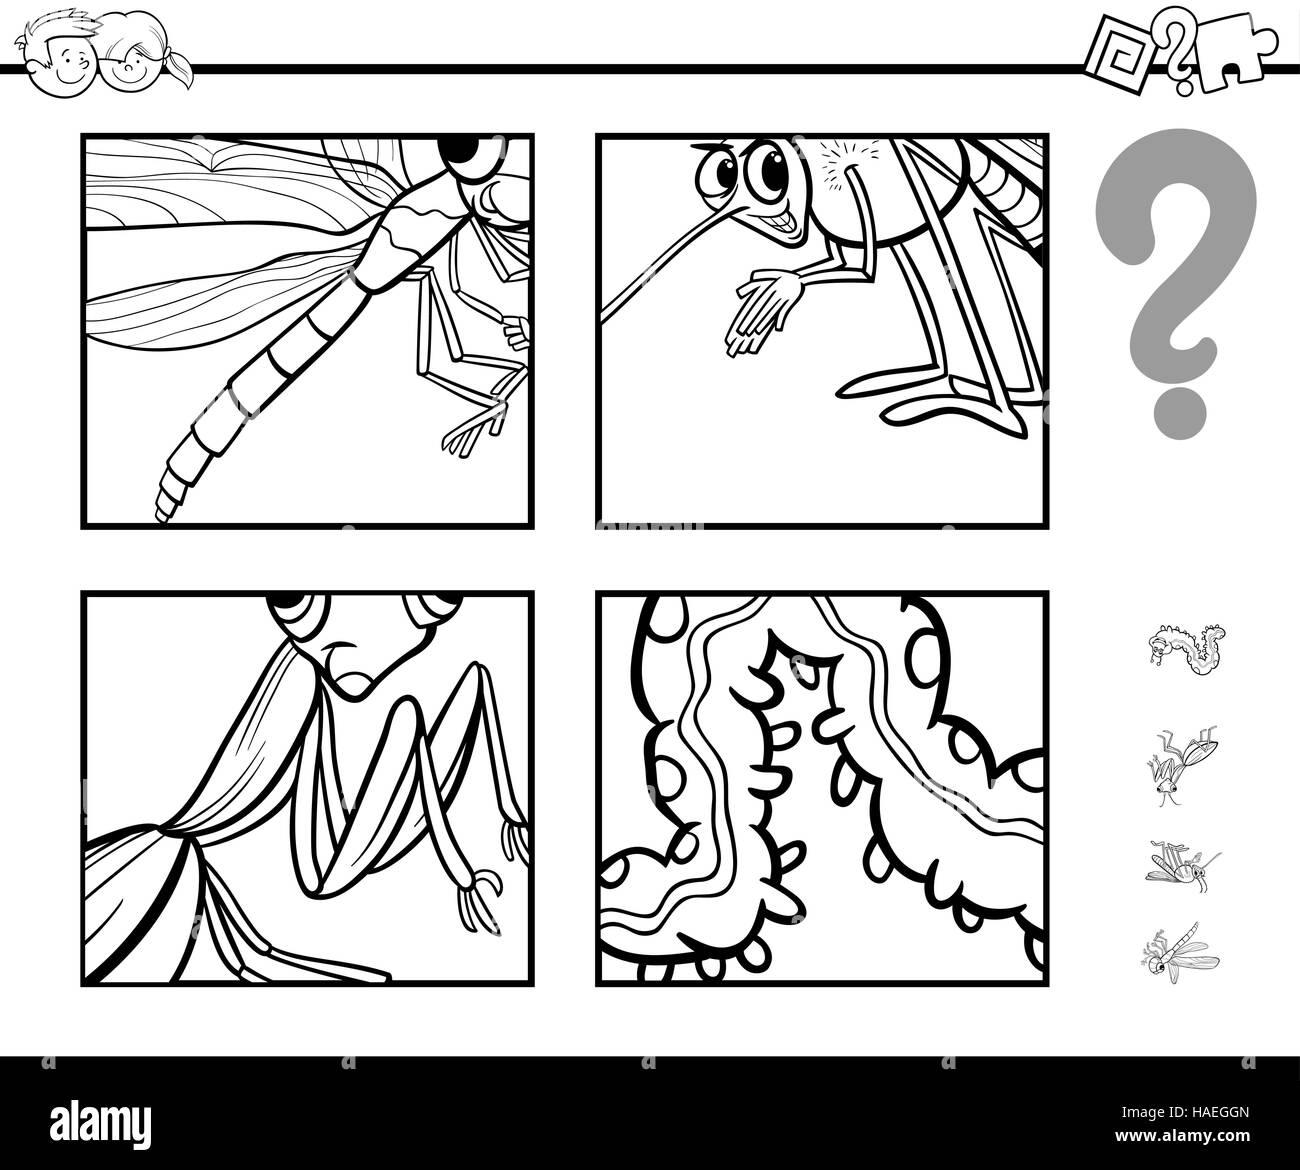 Ilustración Caricatura En Blanco Y Negro De La Actividad Educacional